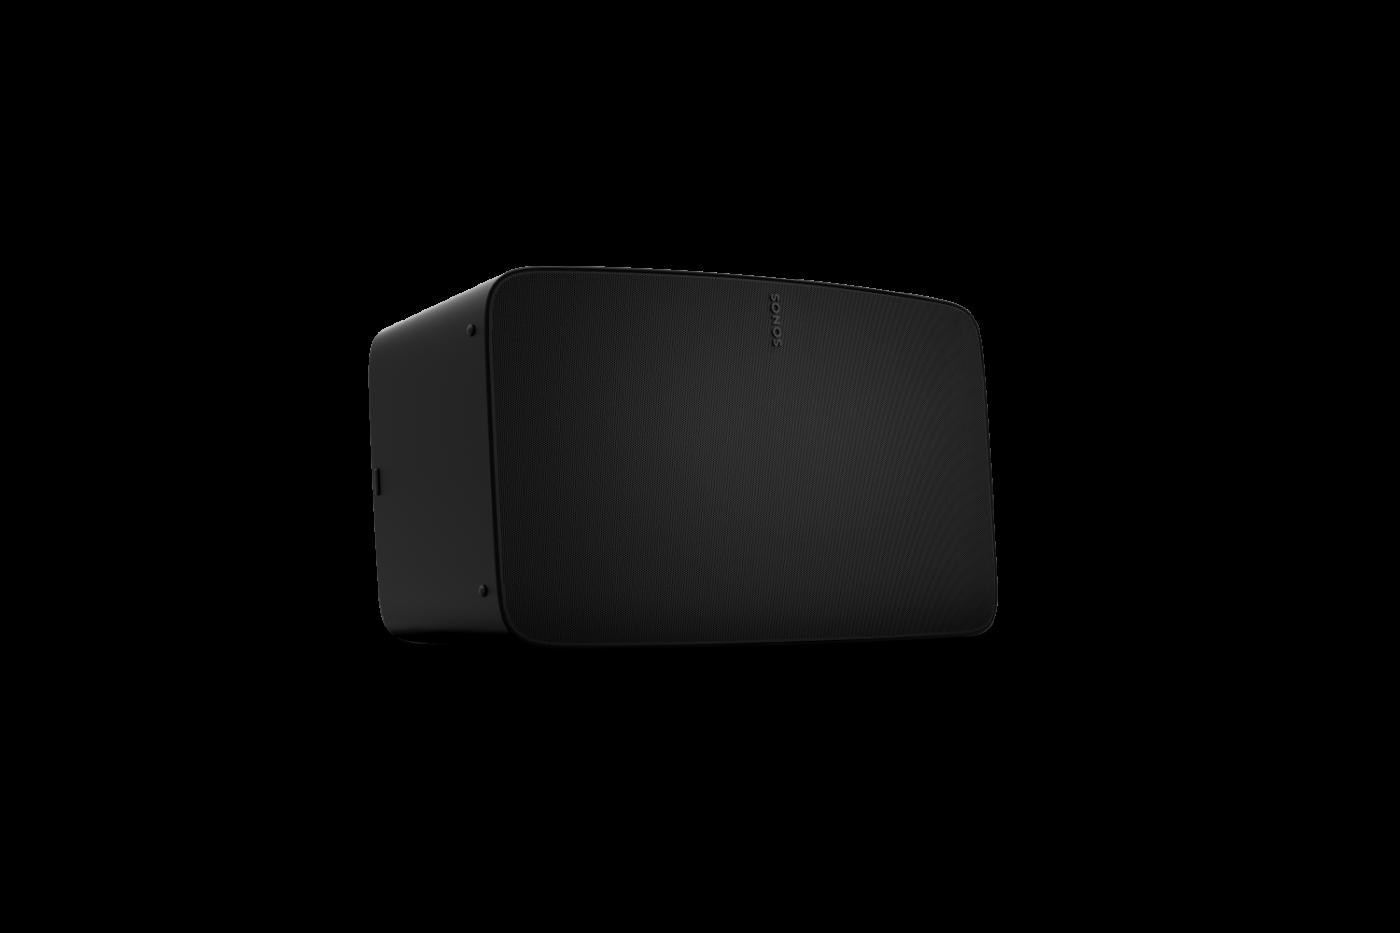 Five_Black__Transparent_Background-Product_Render-34_Side-Q2FY20_MST-MST_fid88613